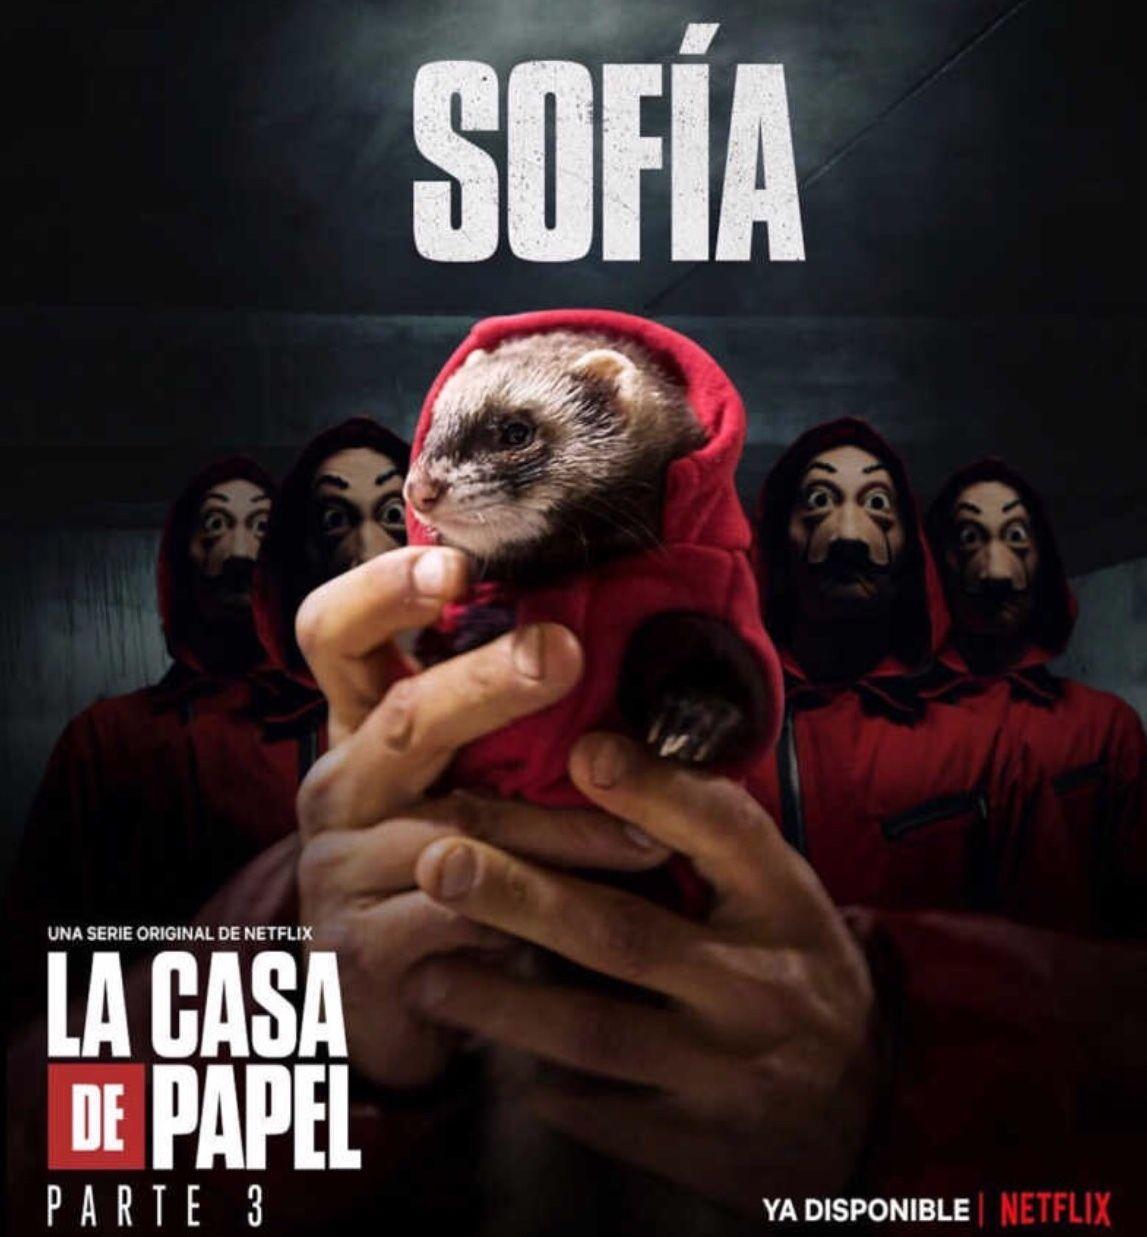 Sofia La Casa De Papel Las Casas De Papel Casa De Papel Sobres De Papel